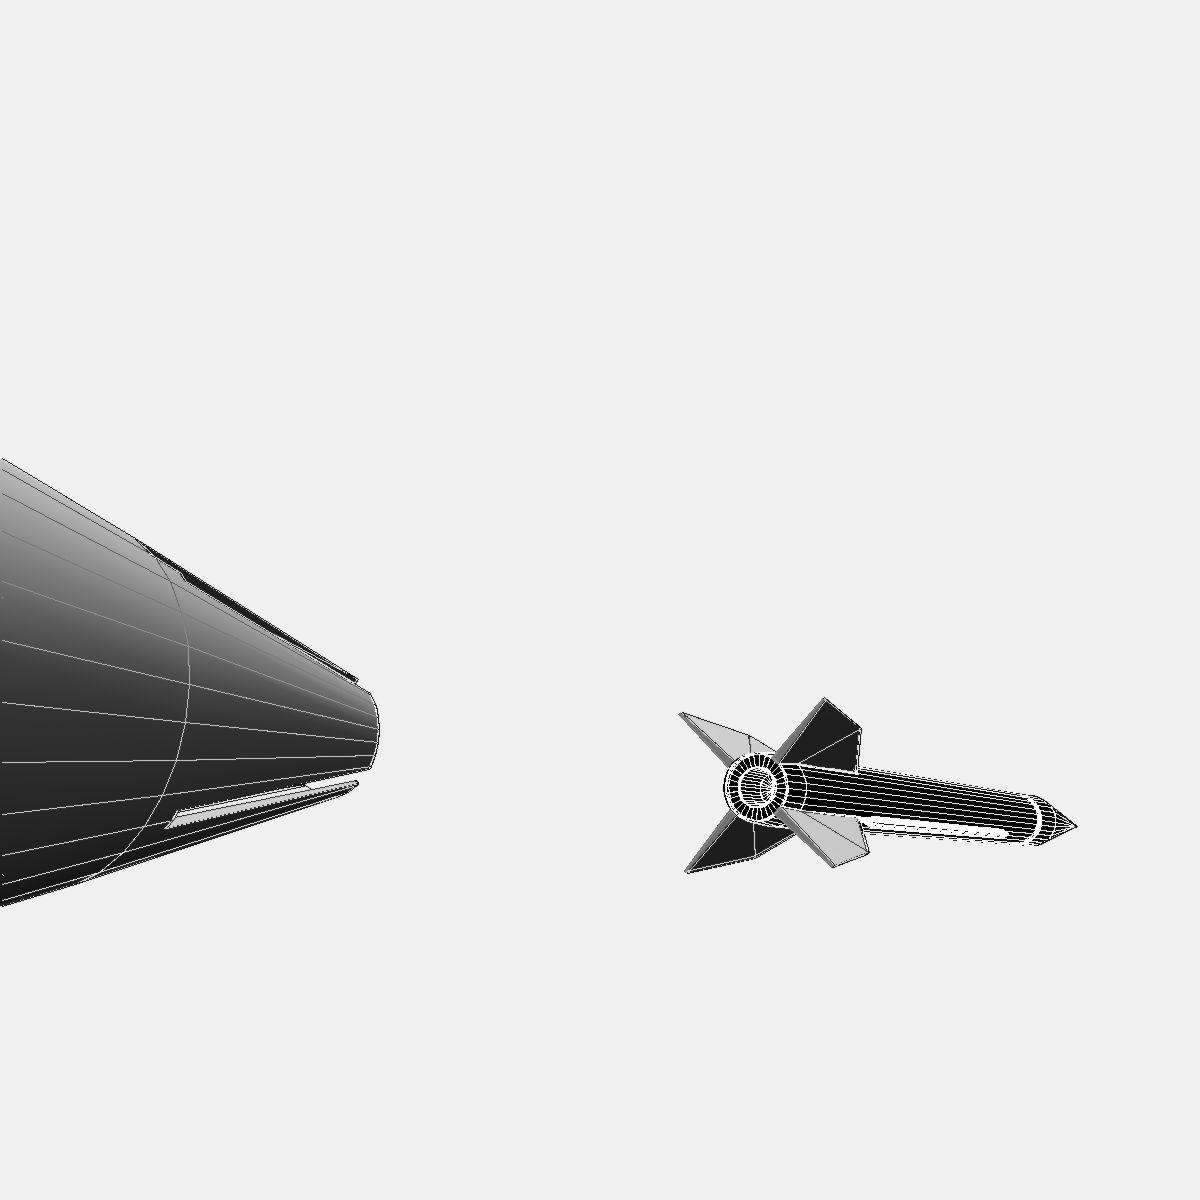 Bumper WAC - Two Stage Sounding Rocket 3d model 3ds dxf cob X obj 162865